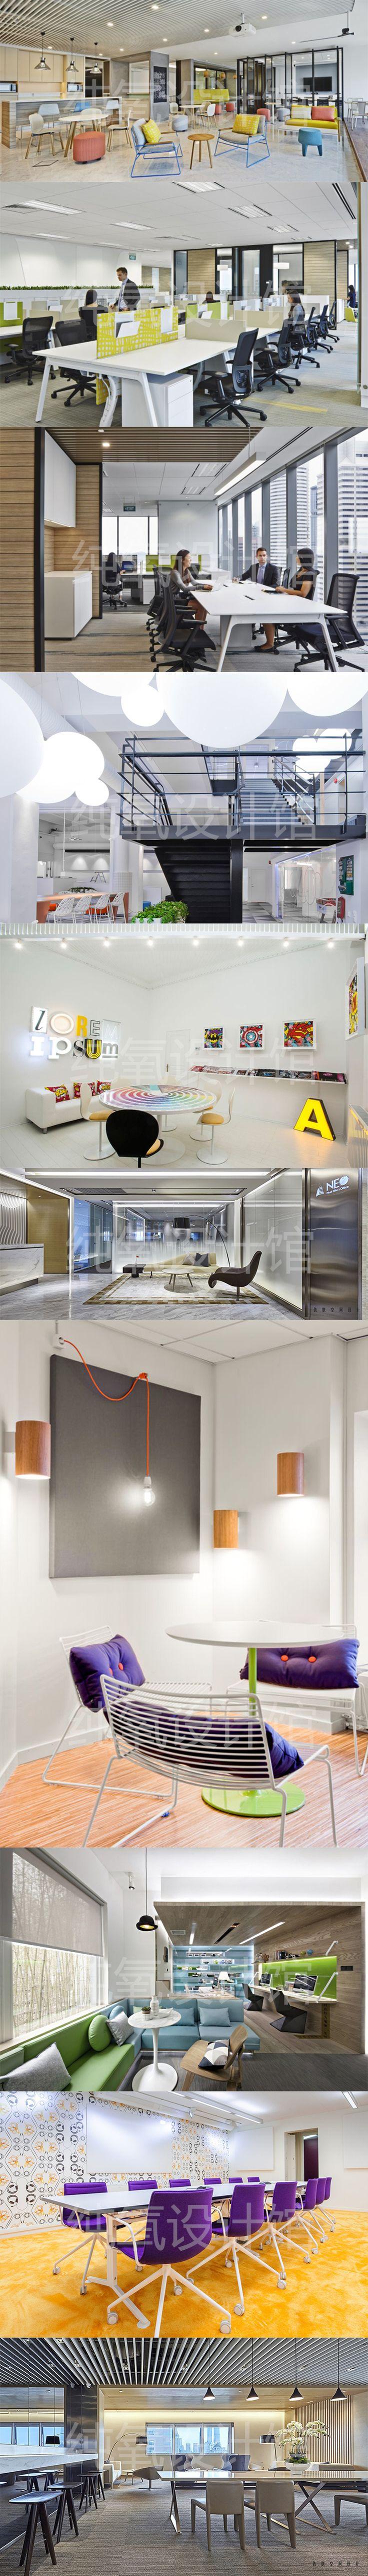 Z12 2 国内外优秀办公空间设计案例 办公室空间设计案